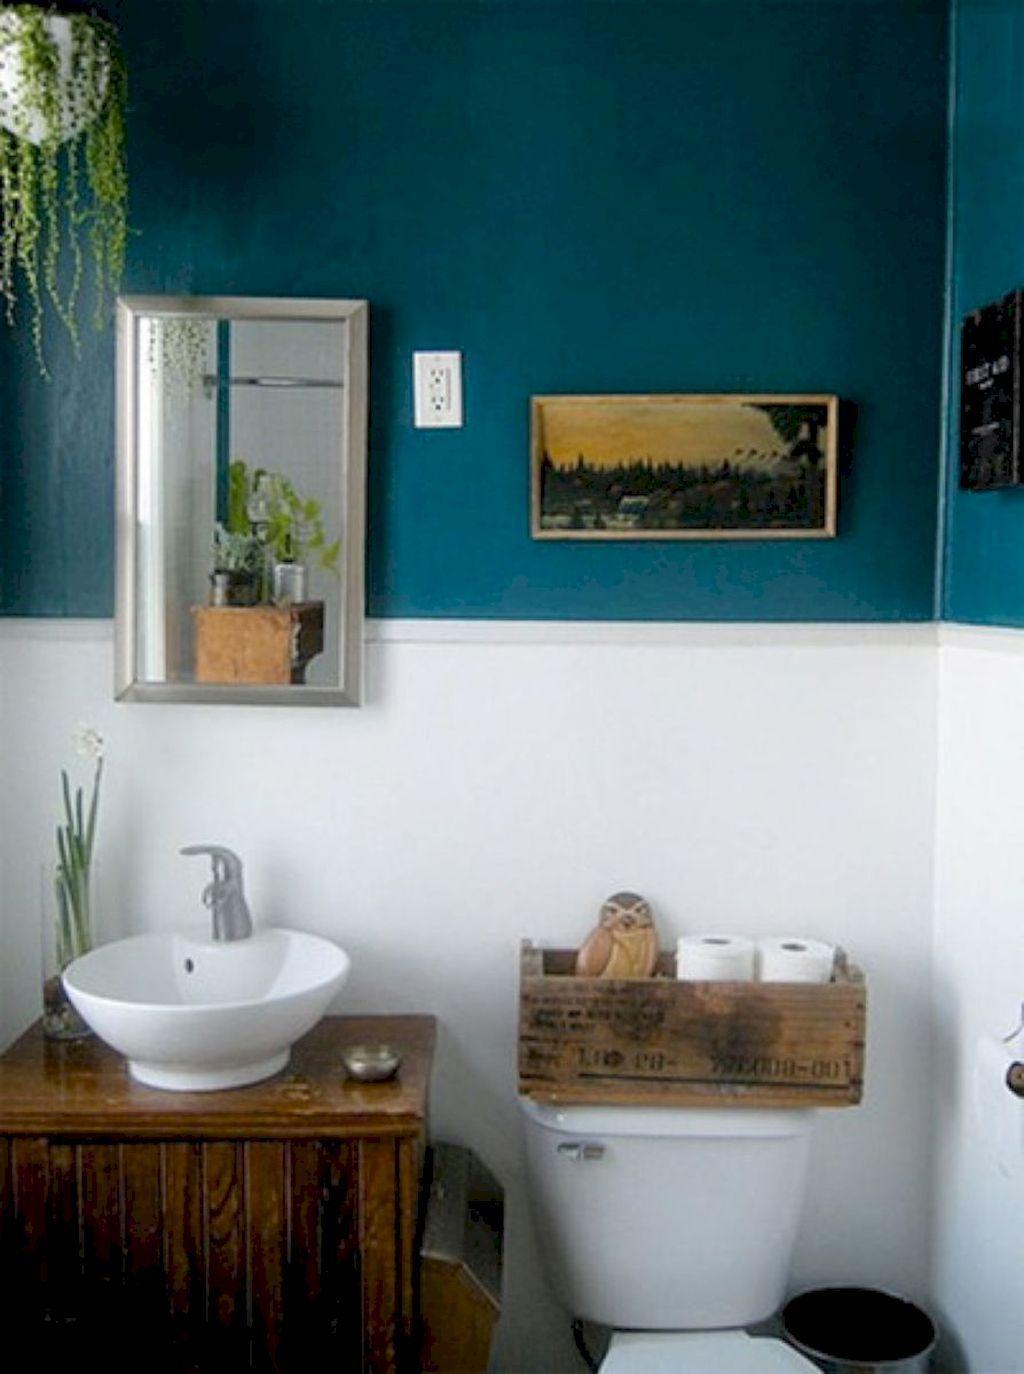 Épinglé par Tobias Issler sur Deko | Idée déco wc, Deco wc ...